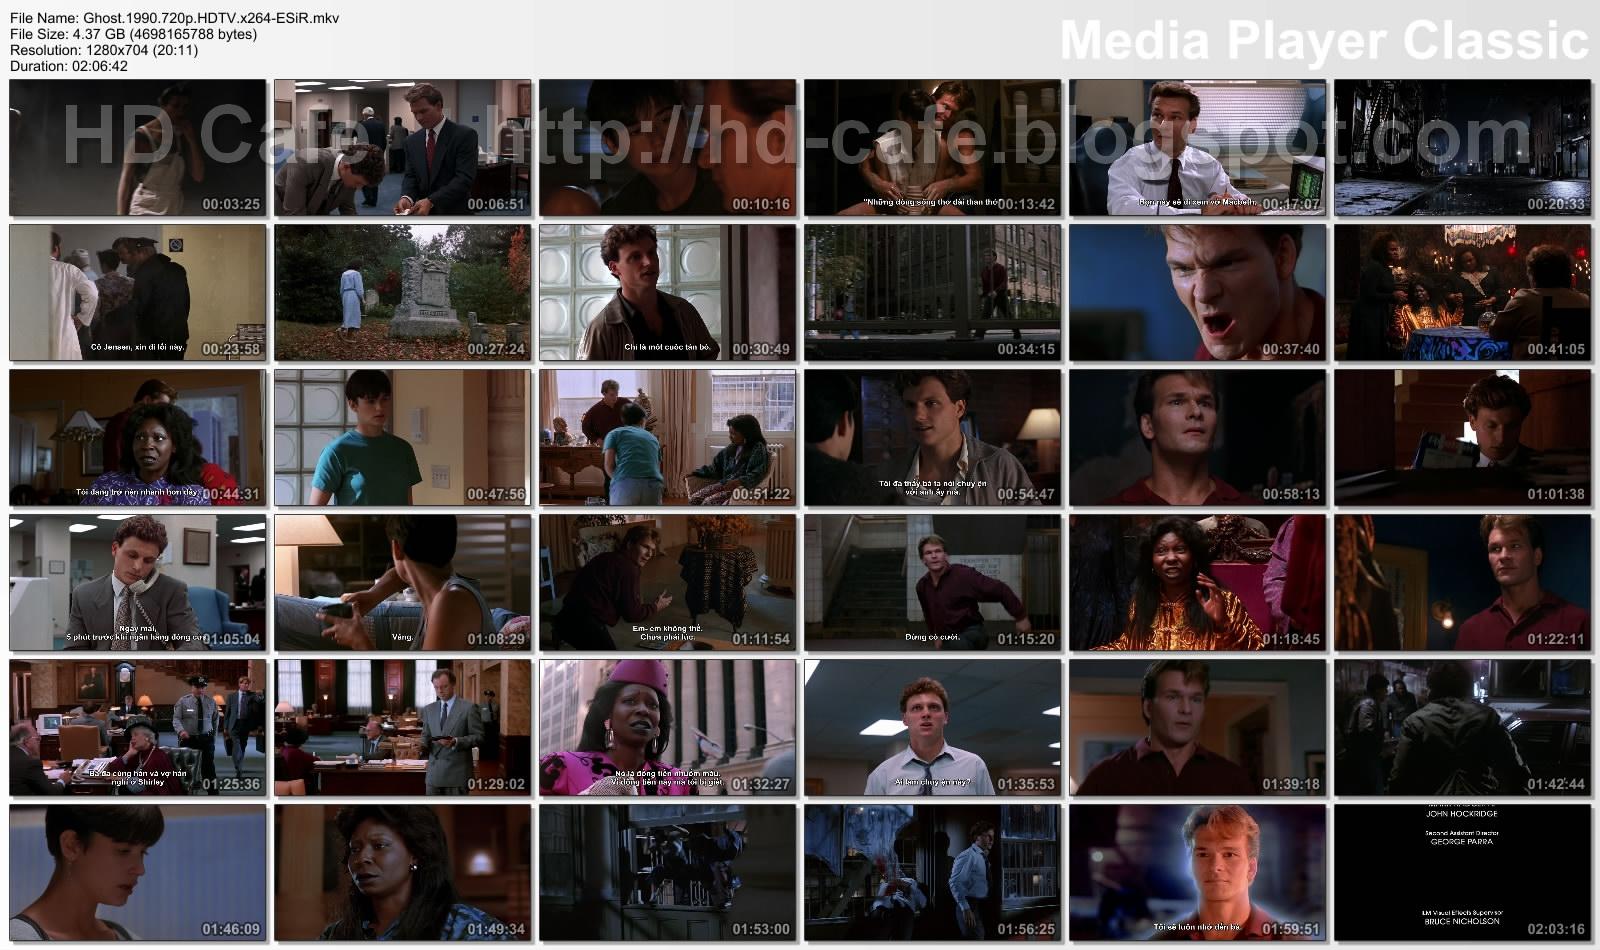 http://3.bp.blogspot.com/-lRsHBZpSOyU/TnDSmfi77JI/AAAAAAAAAO4/iNAz3g0DBnM/s1600/Ghost-1990-thumbs.jpg